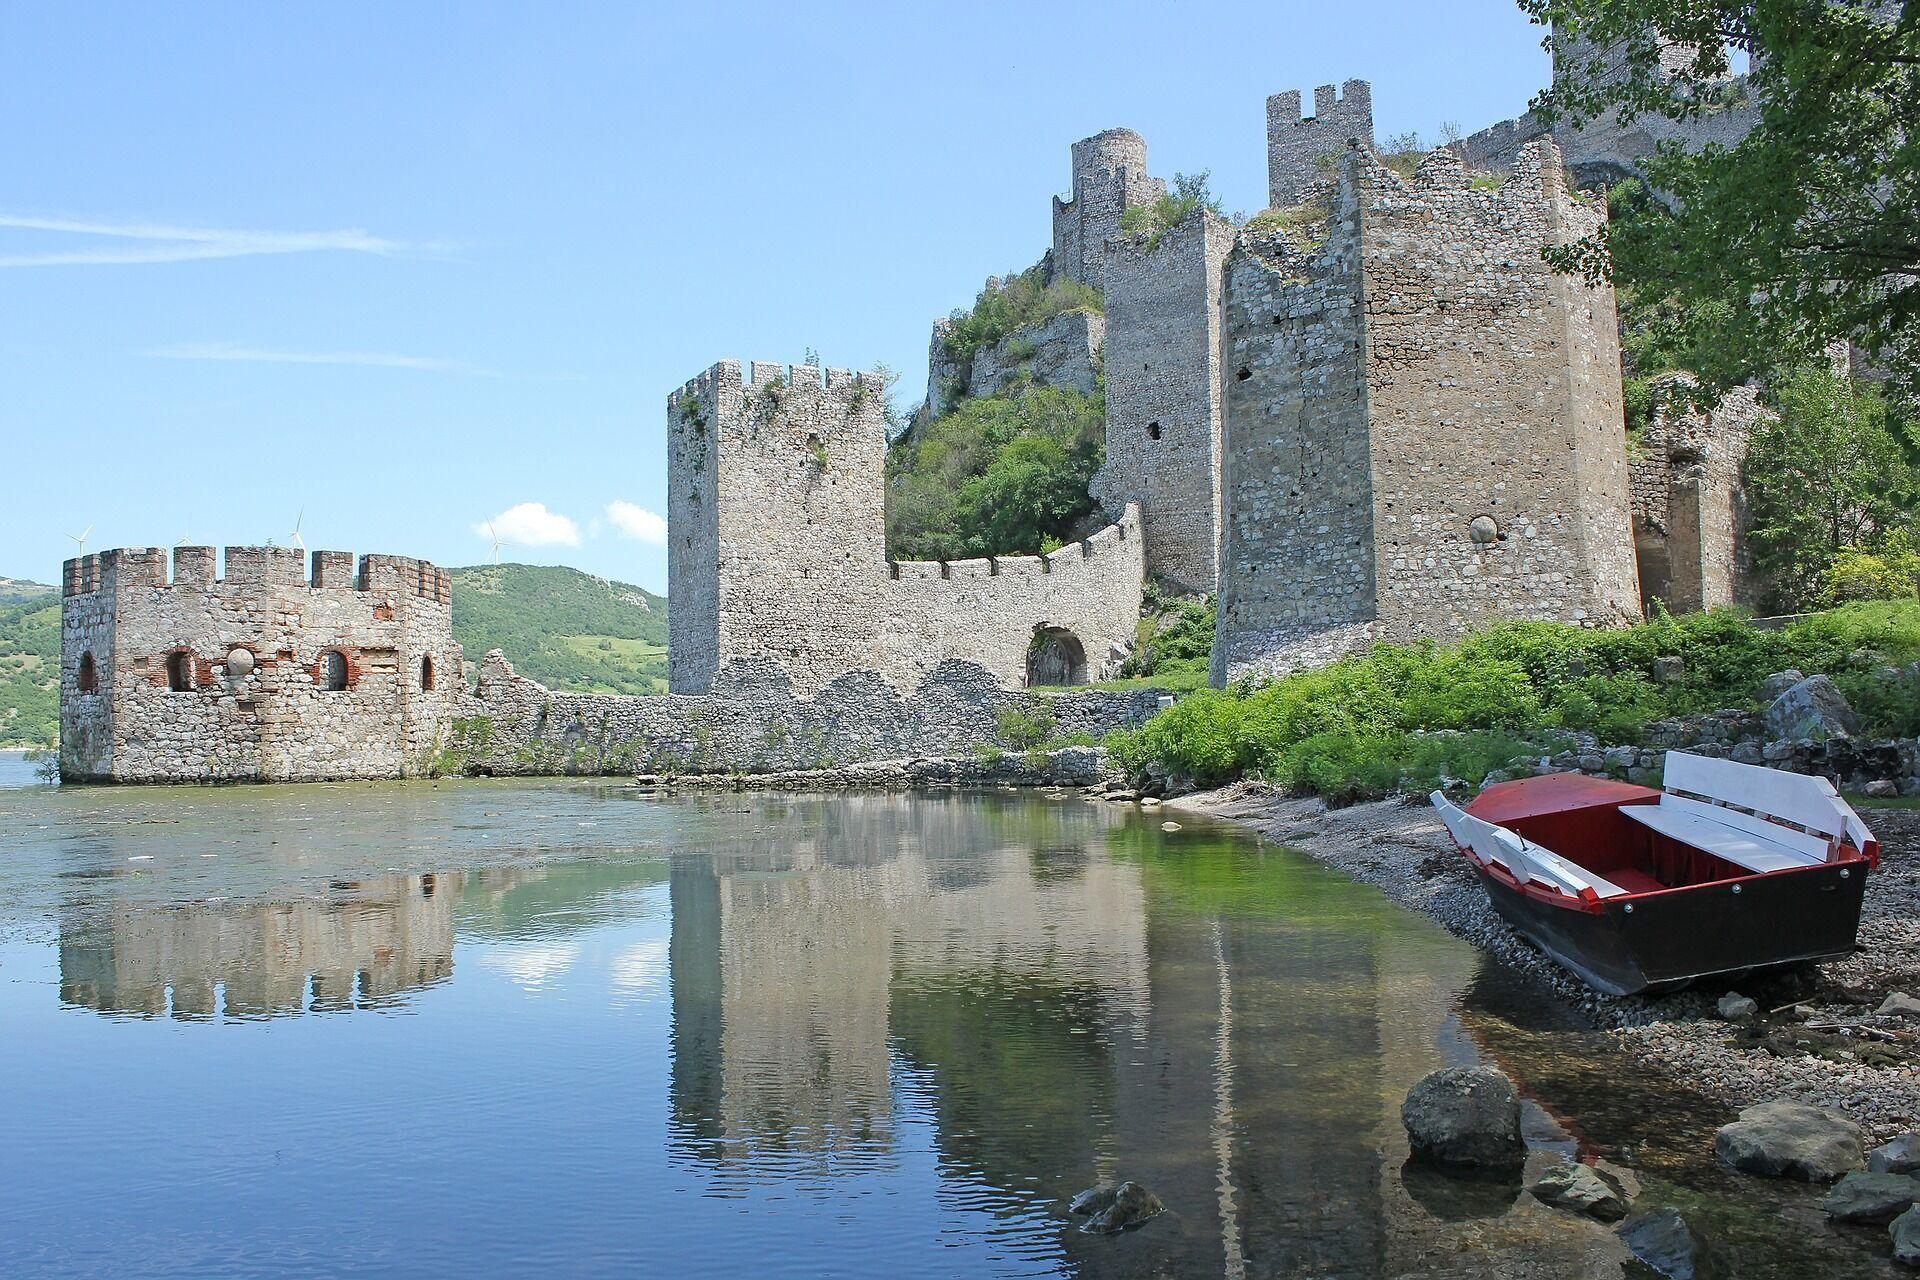 Cамой большой равнинной цитаделью Европы является крепость Бранковича.